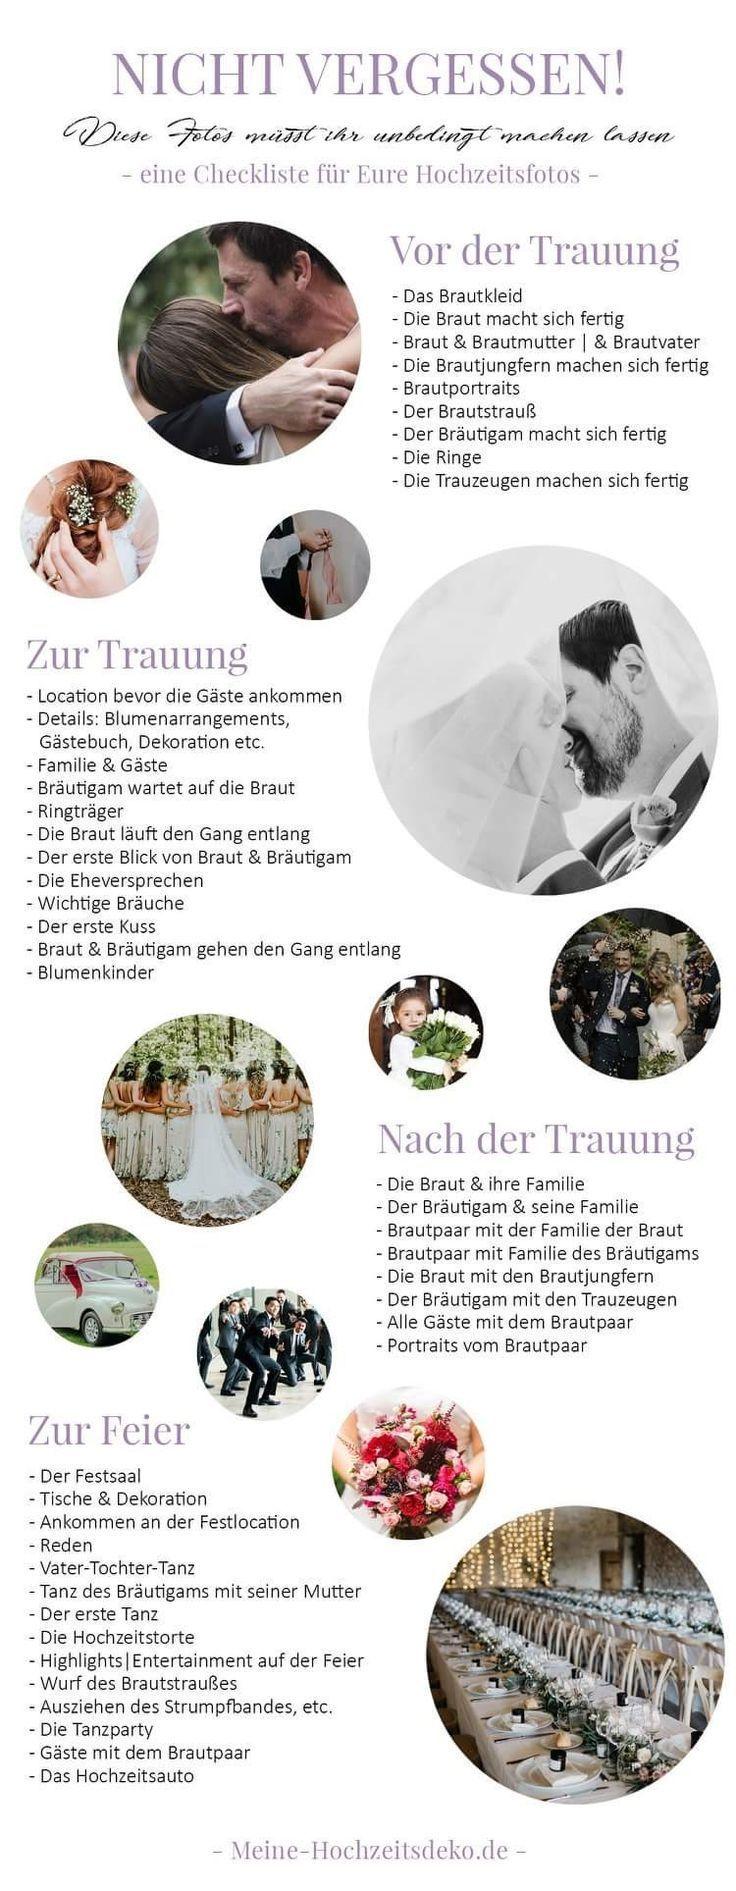 Orga Schritte Hochzeit Ideen In 2020 Hochzeit Ablauf Hochzeit Hochzeit Bildideen